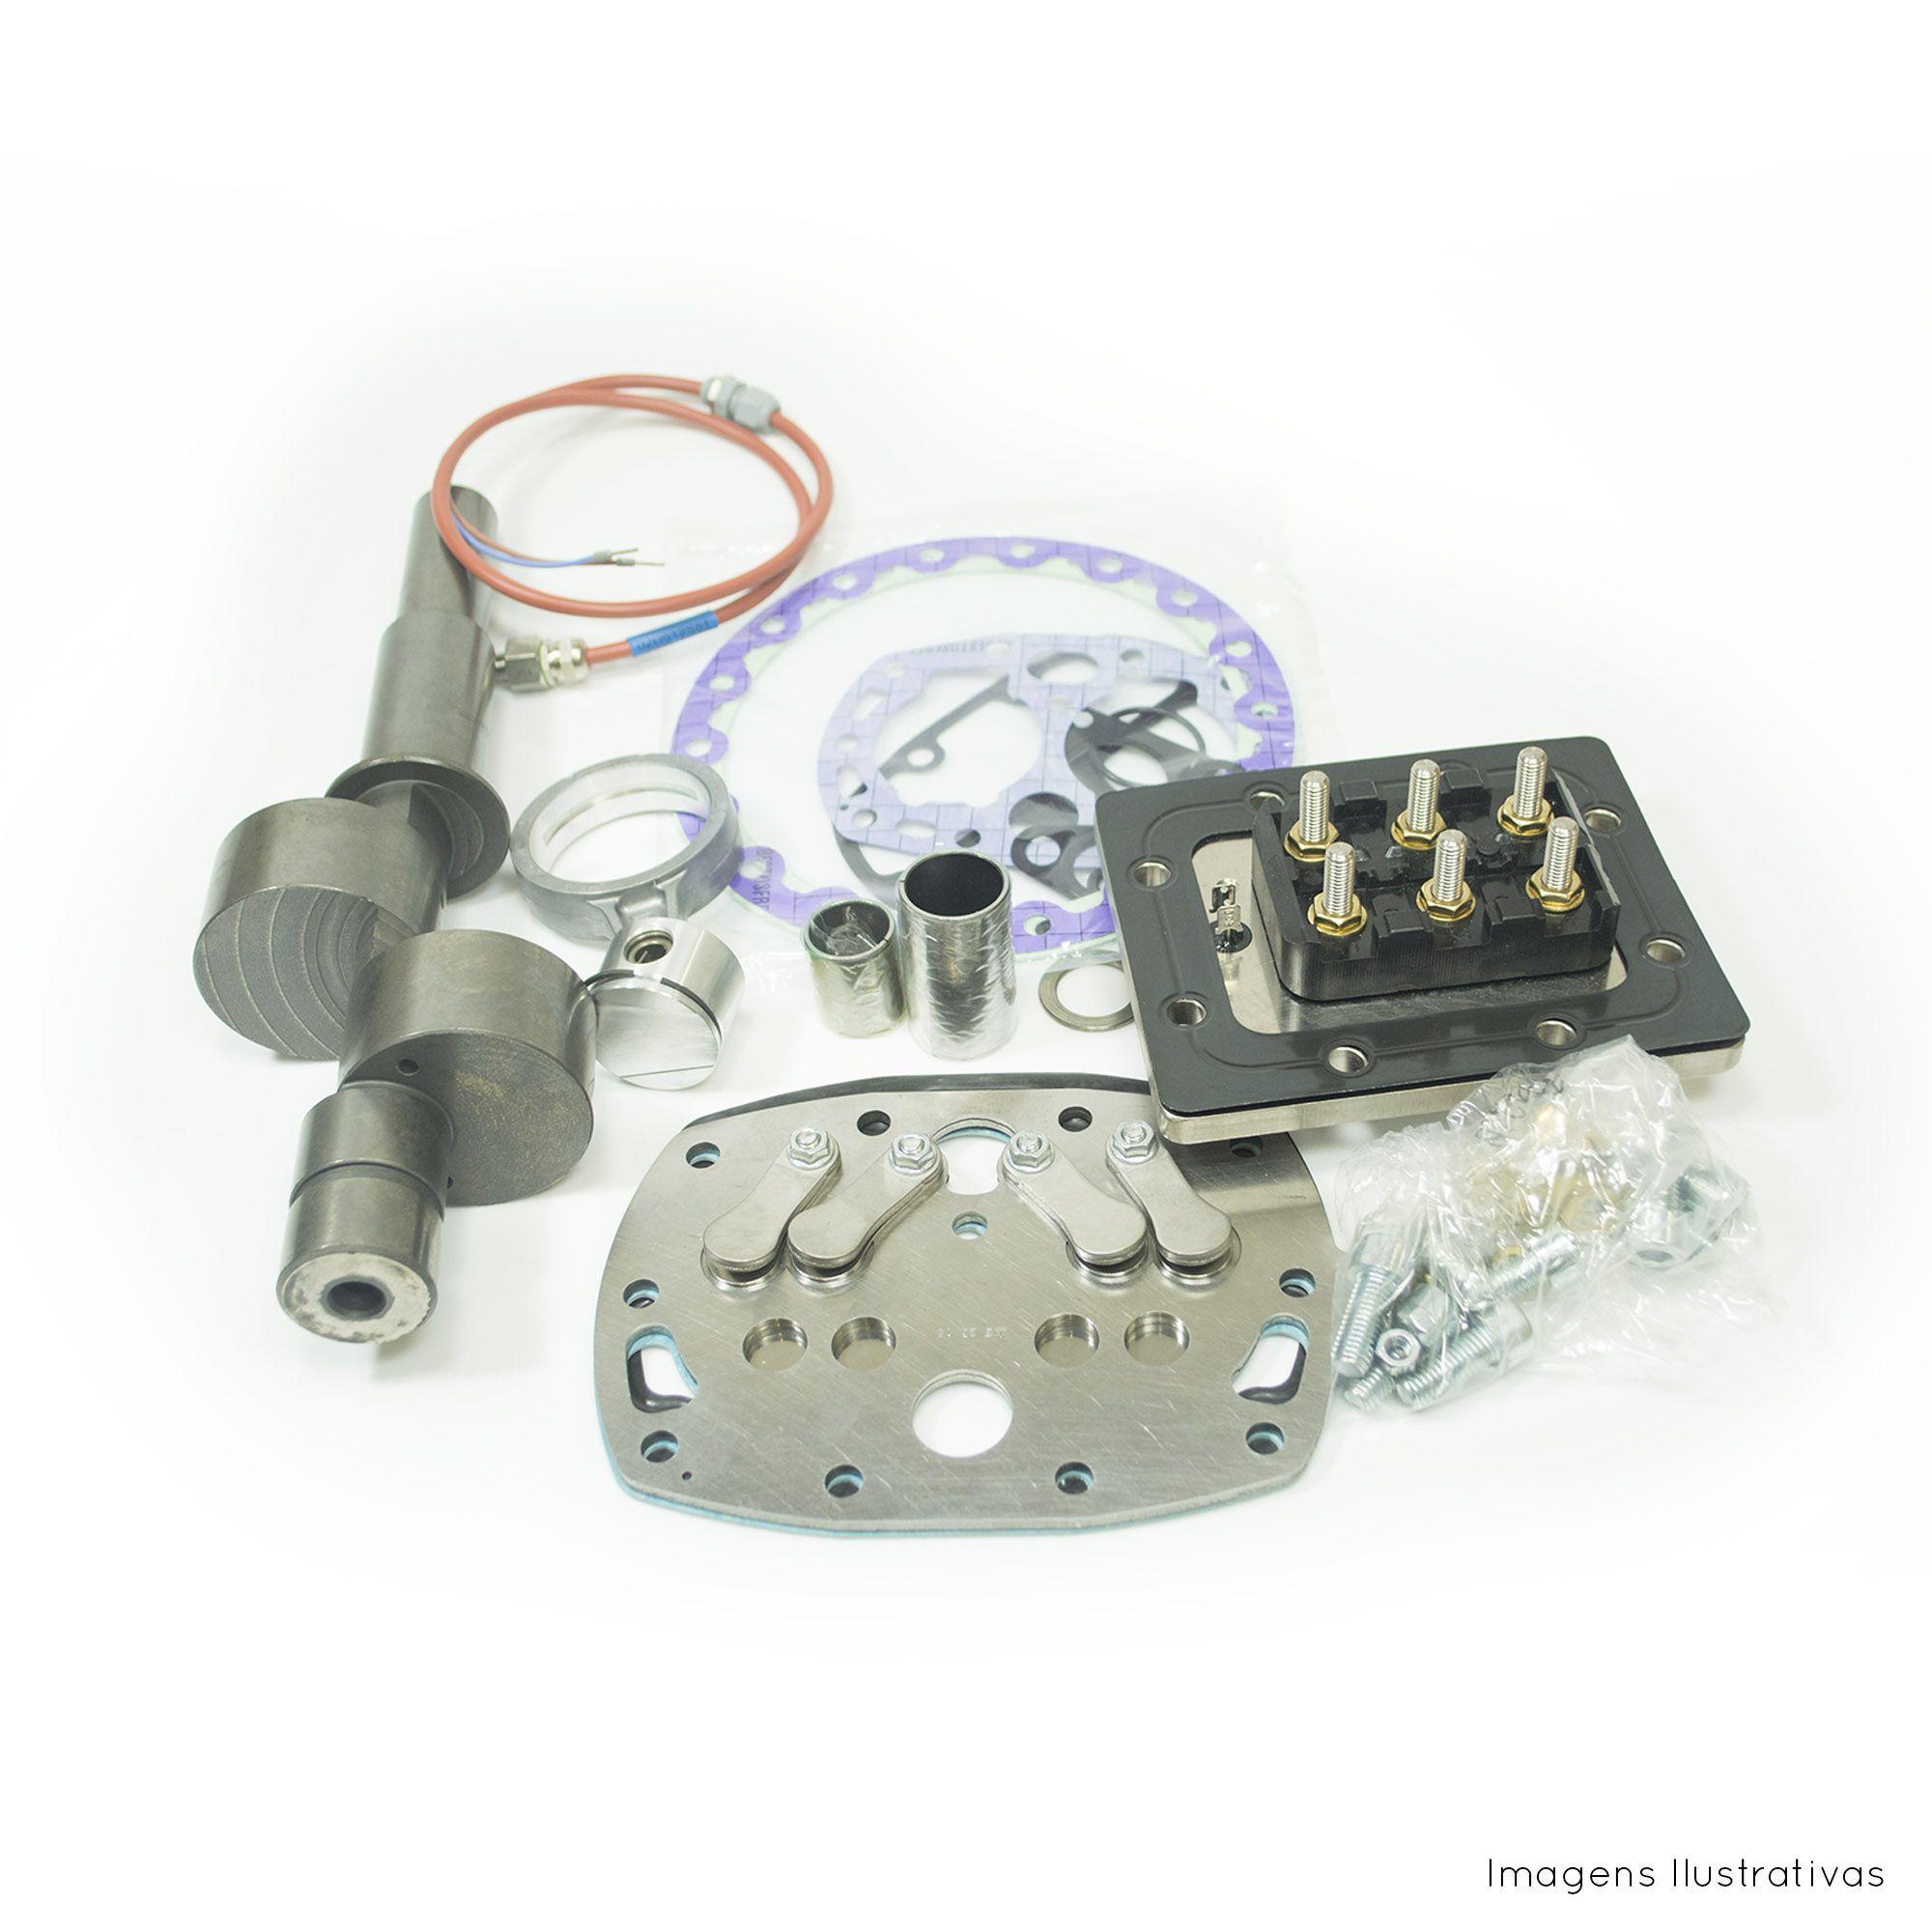 Kit Caixa Elétrica 900-10514